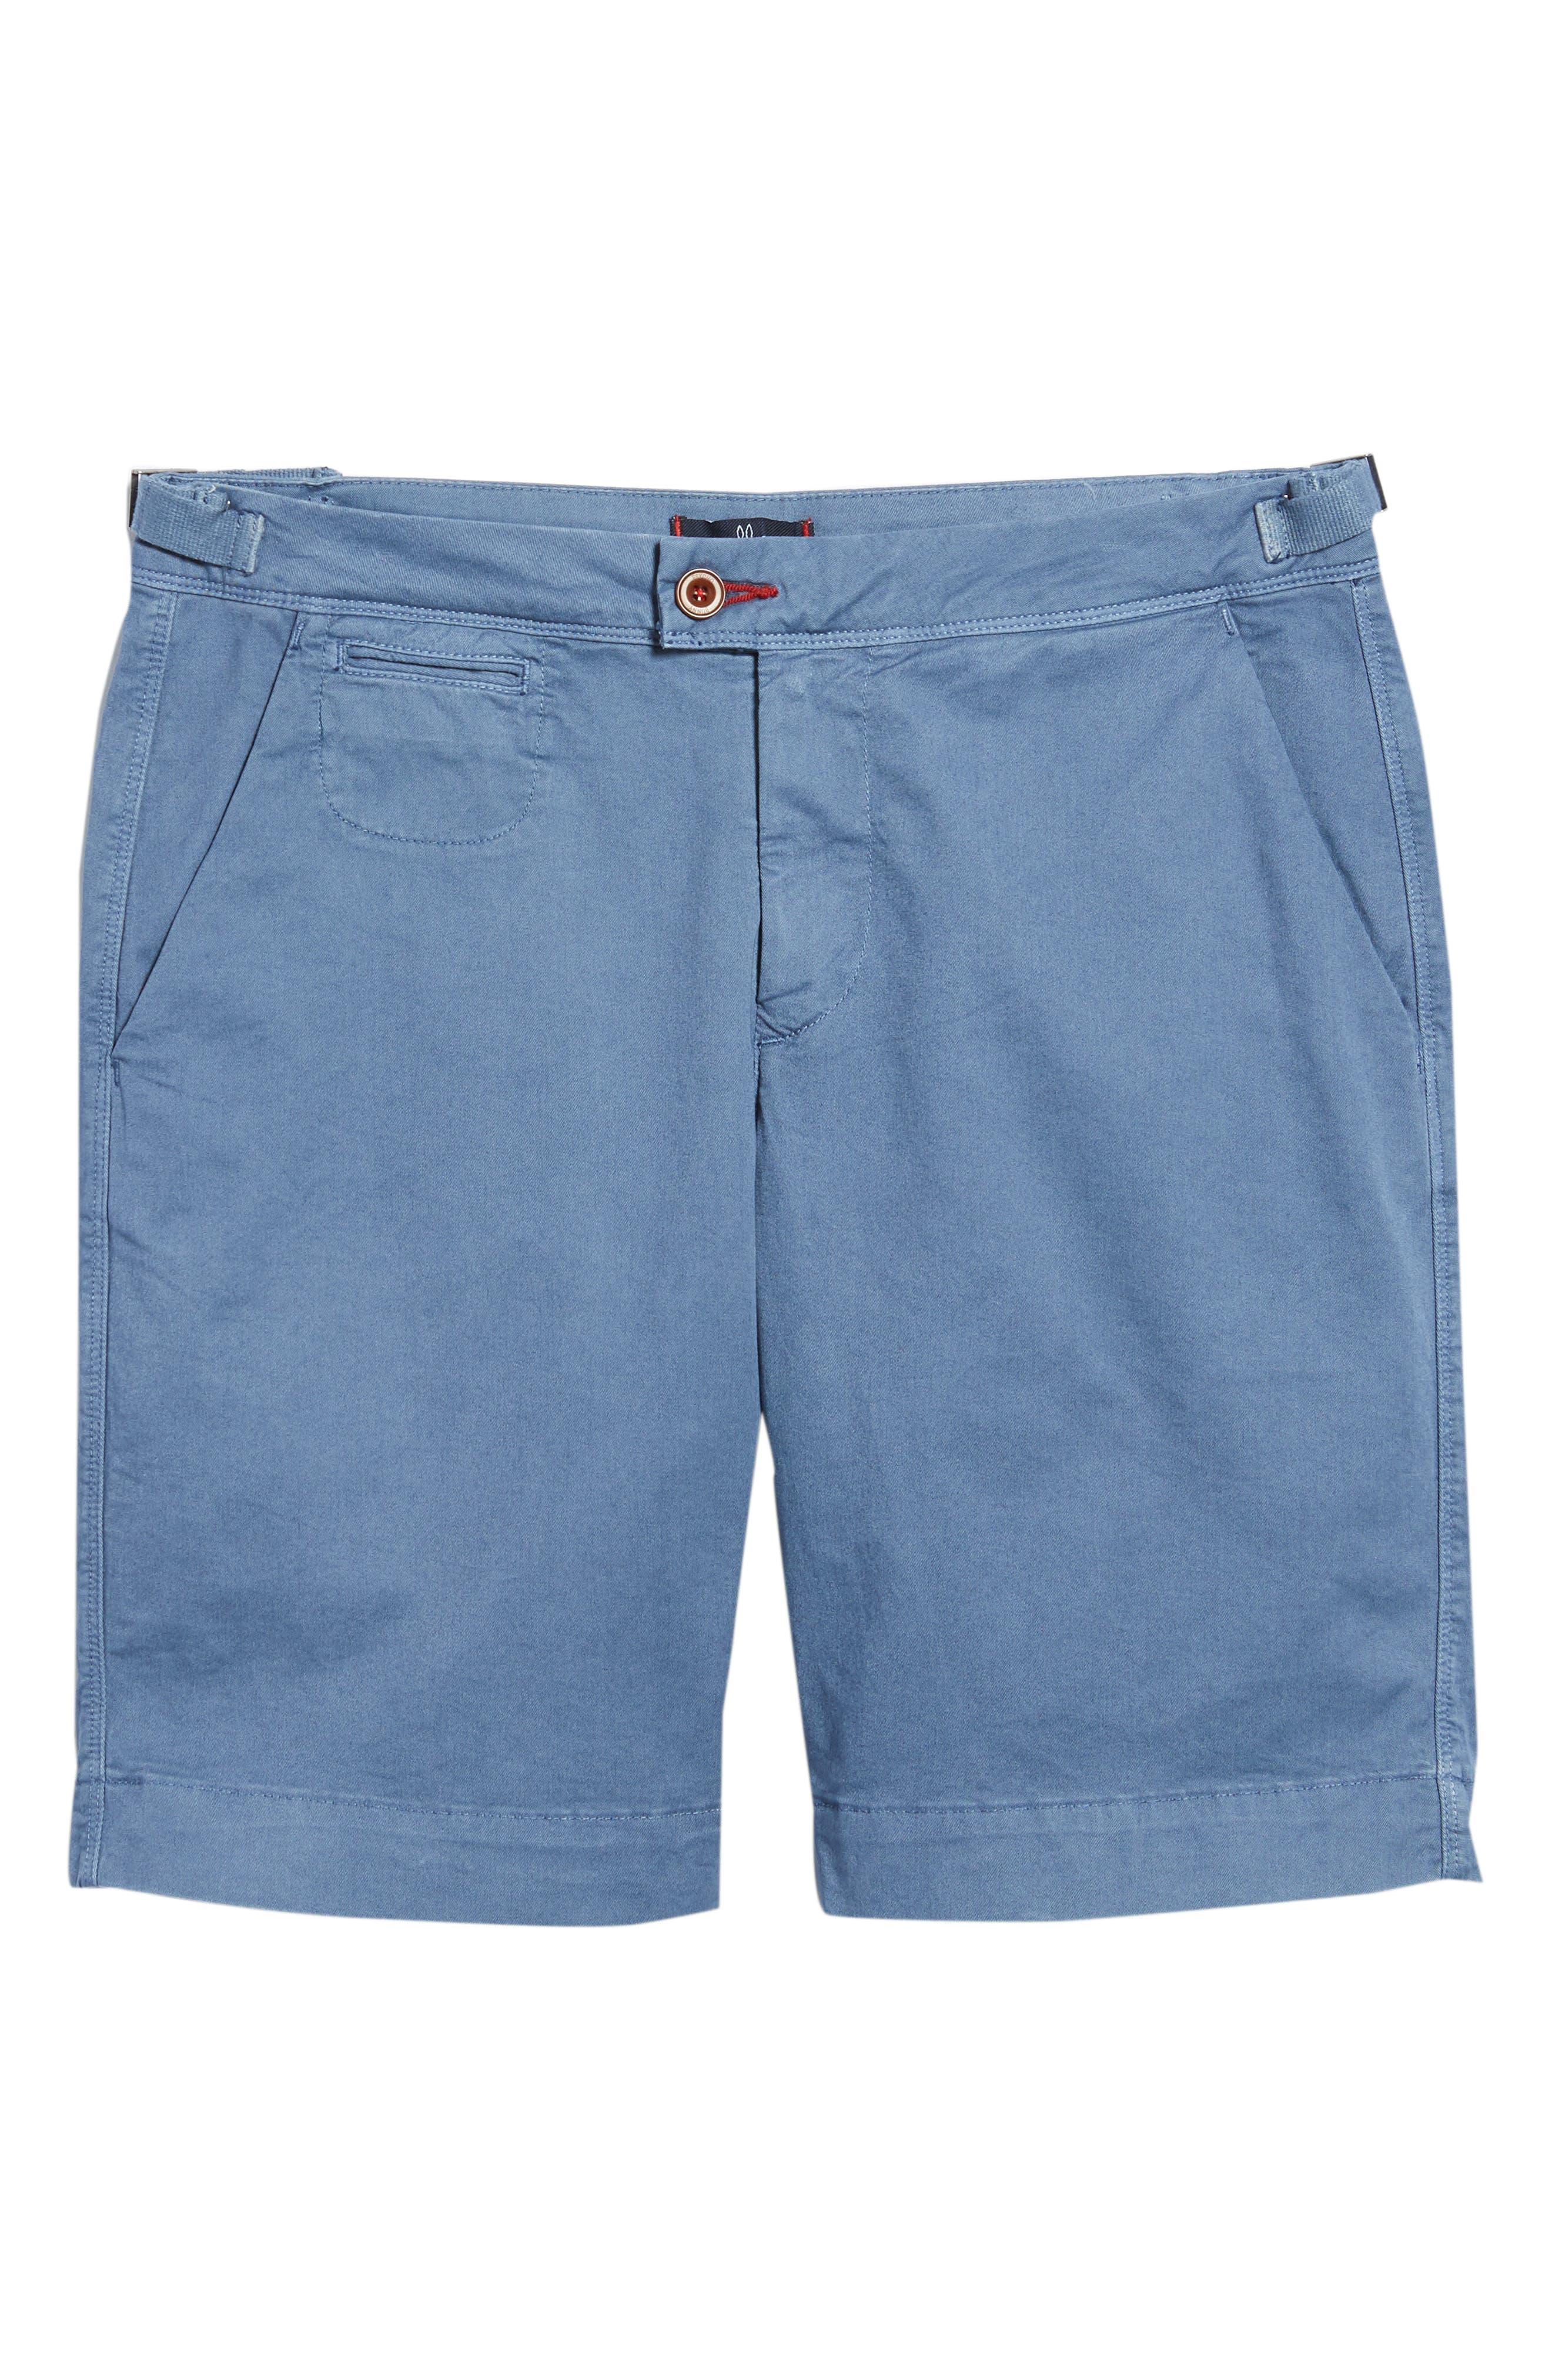 Triumph Shorts,                             Alternate thumbnail 66, color,